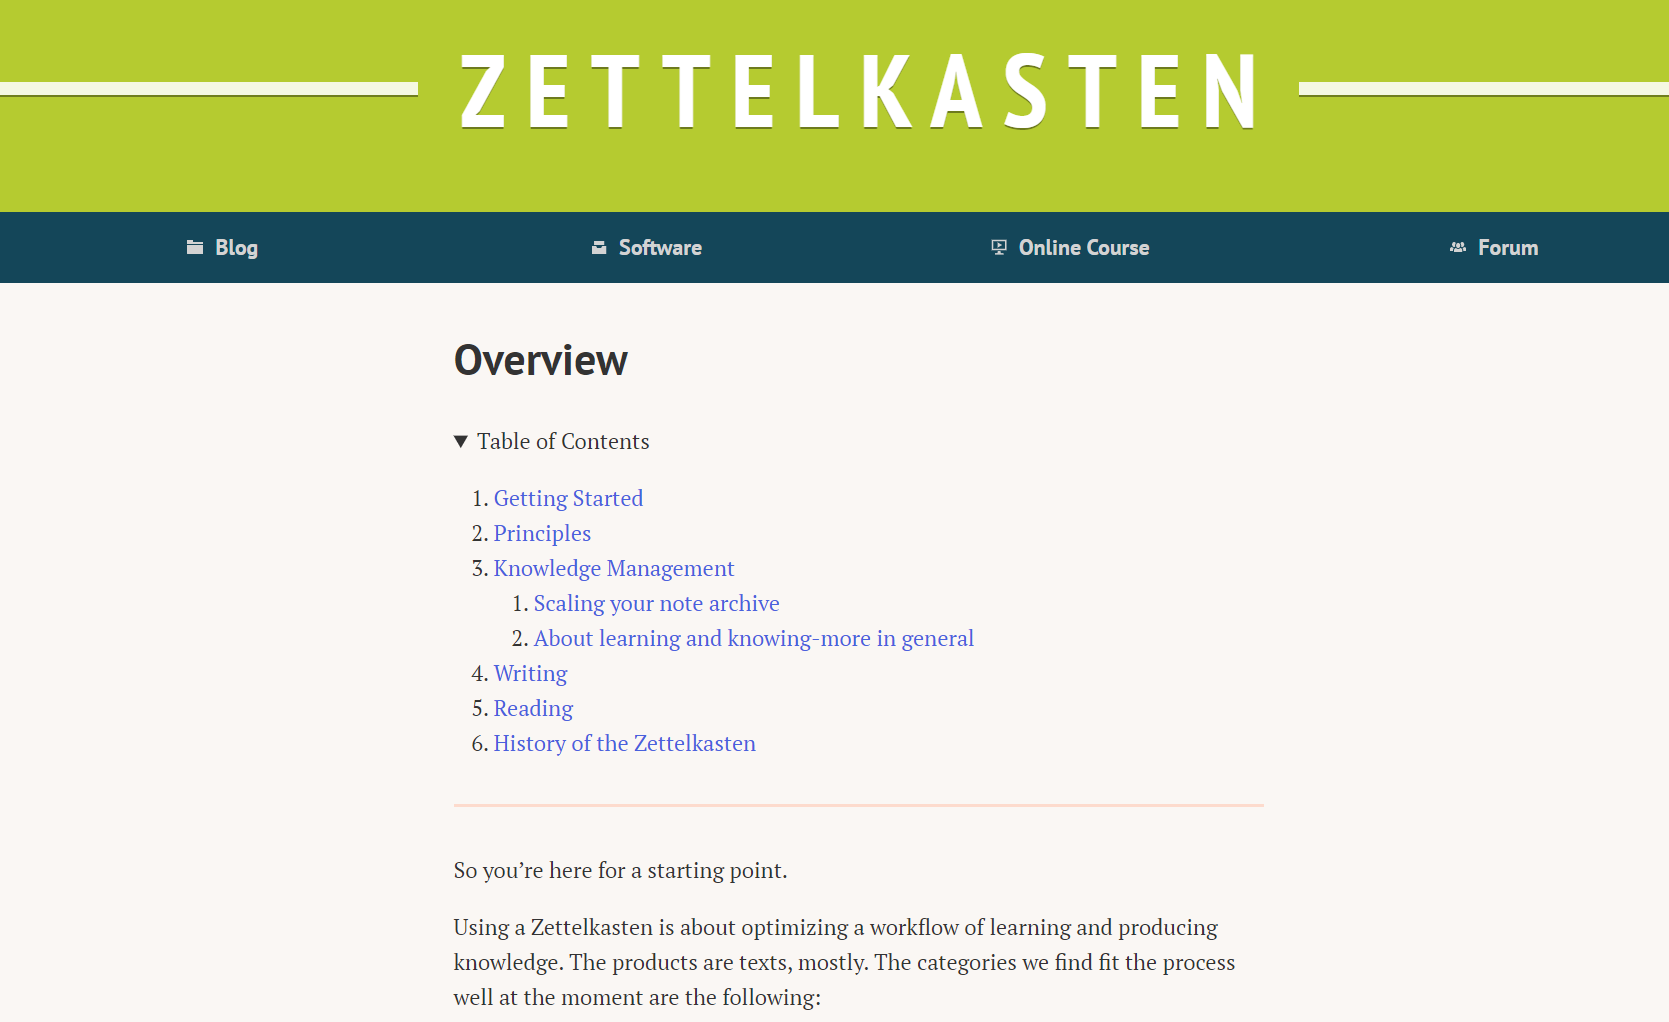 Zettelkasten.de homepage